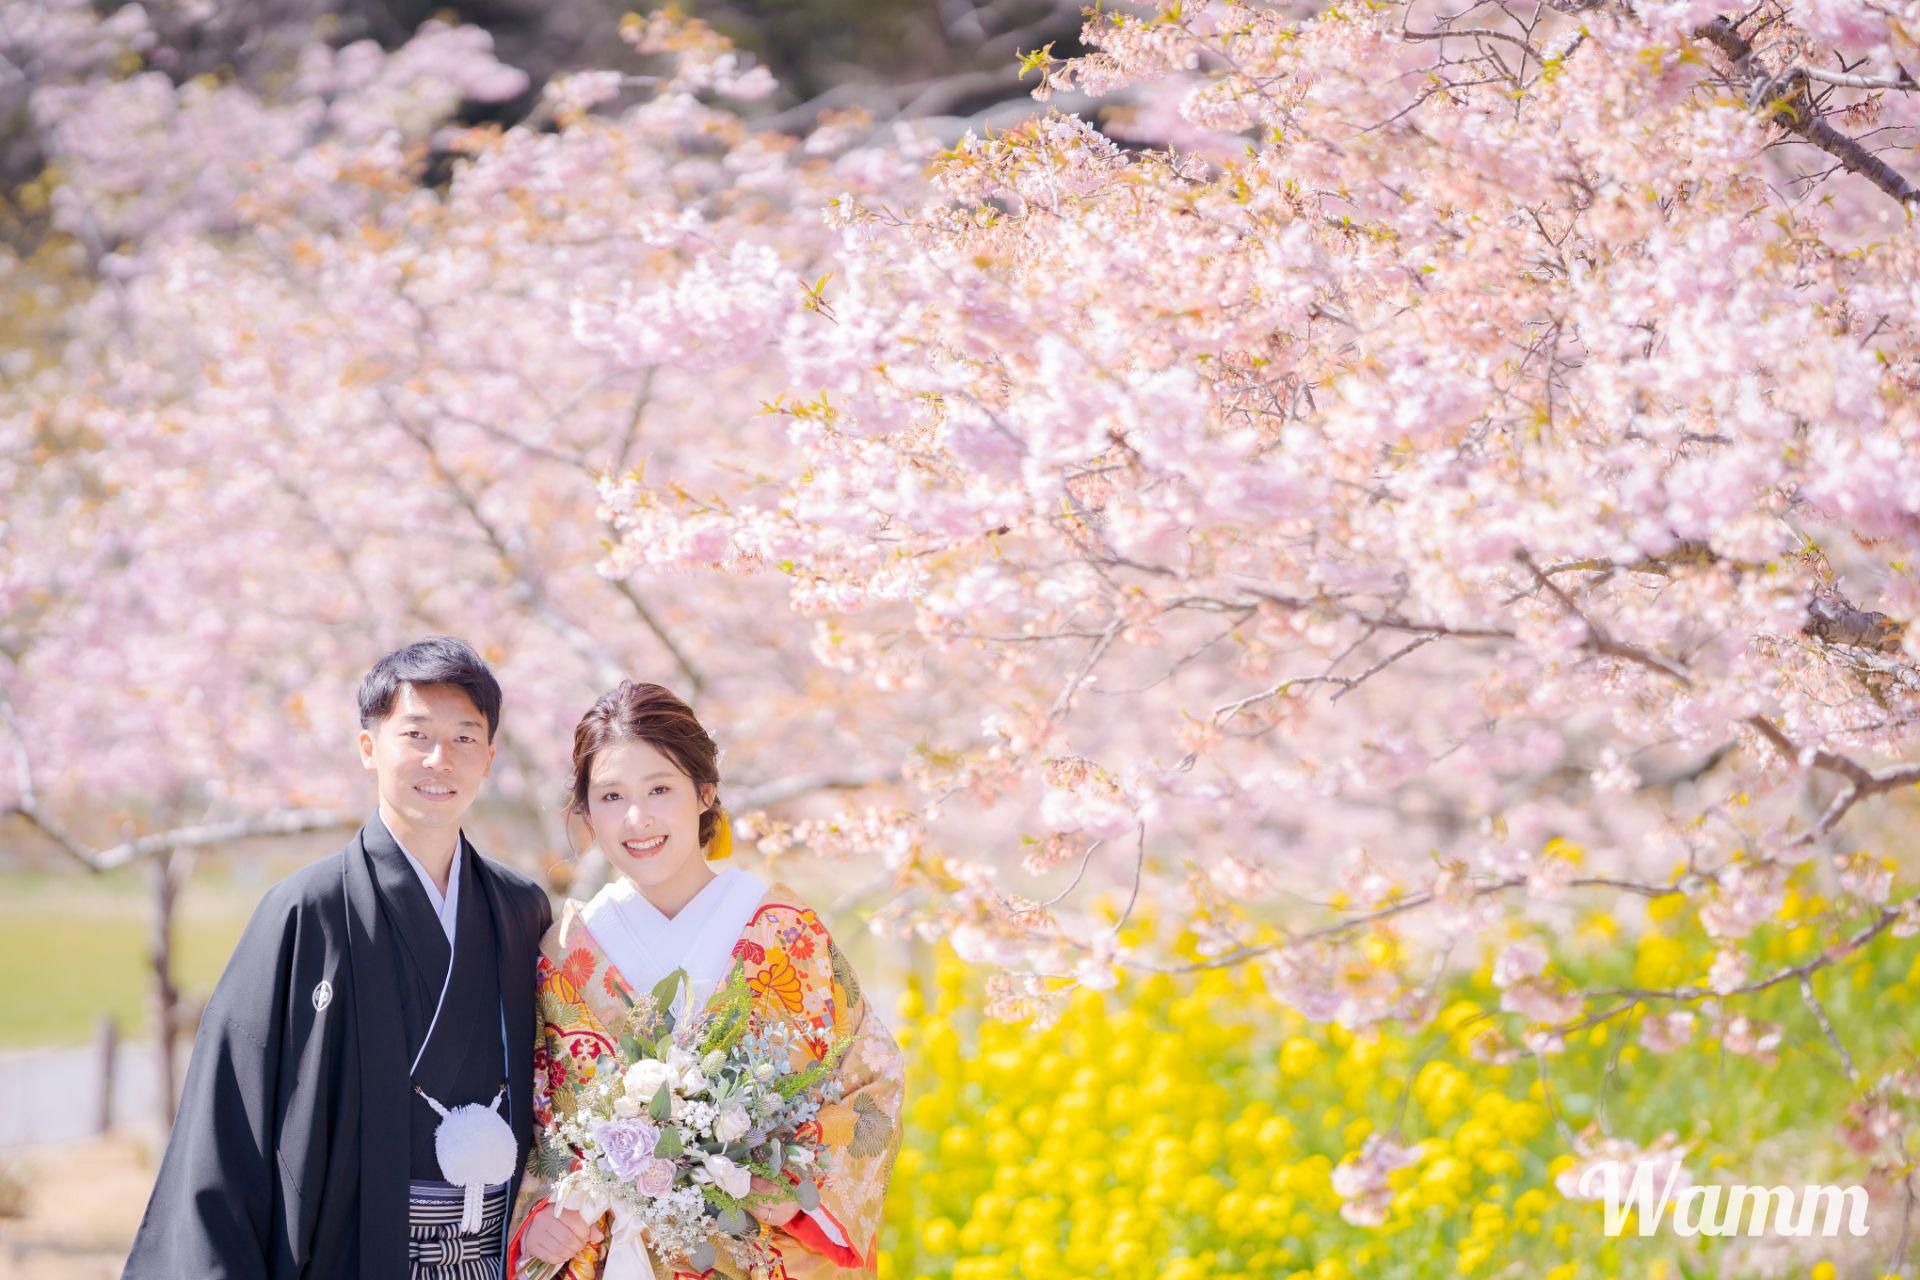 【浜松・はままつフラワーパーク】お手入れが完璧に行き届いた花の楽園 限定期間にご注意を!